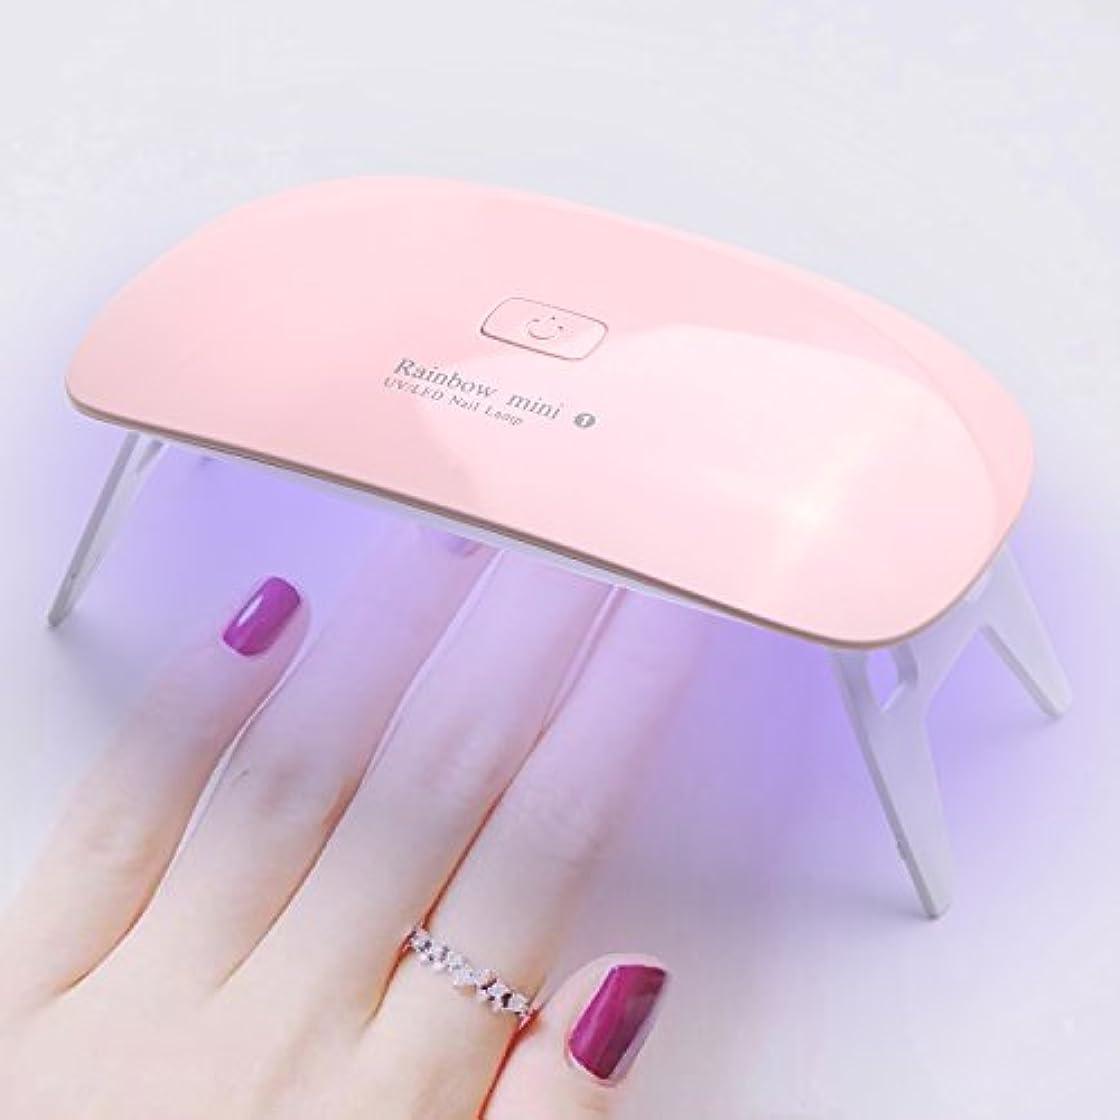 等決して目指すLEDネイルドライヤー AmoVee UVライト タイマー設定可能 折りたたみ式 ジェルネイル用 (pink)